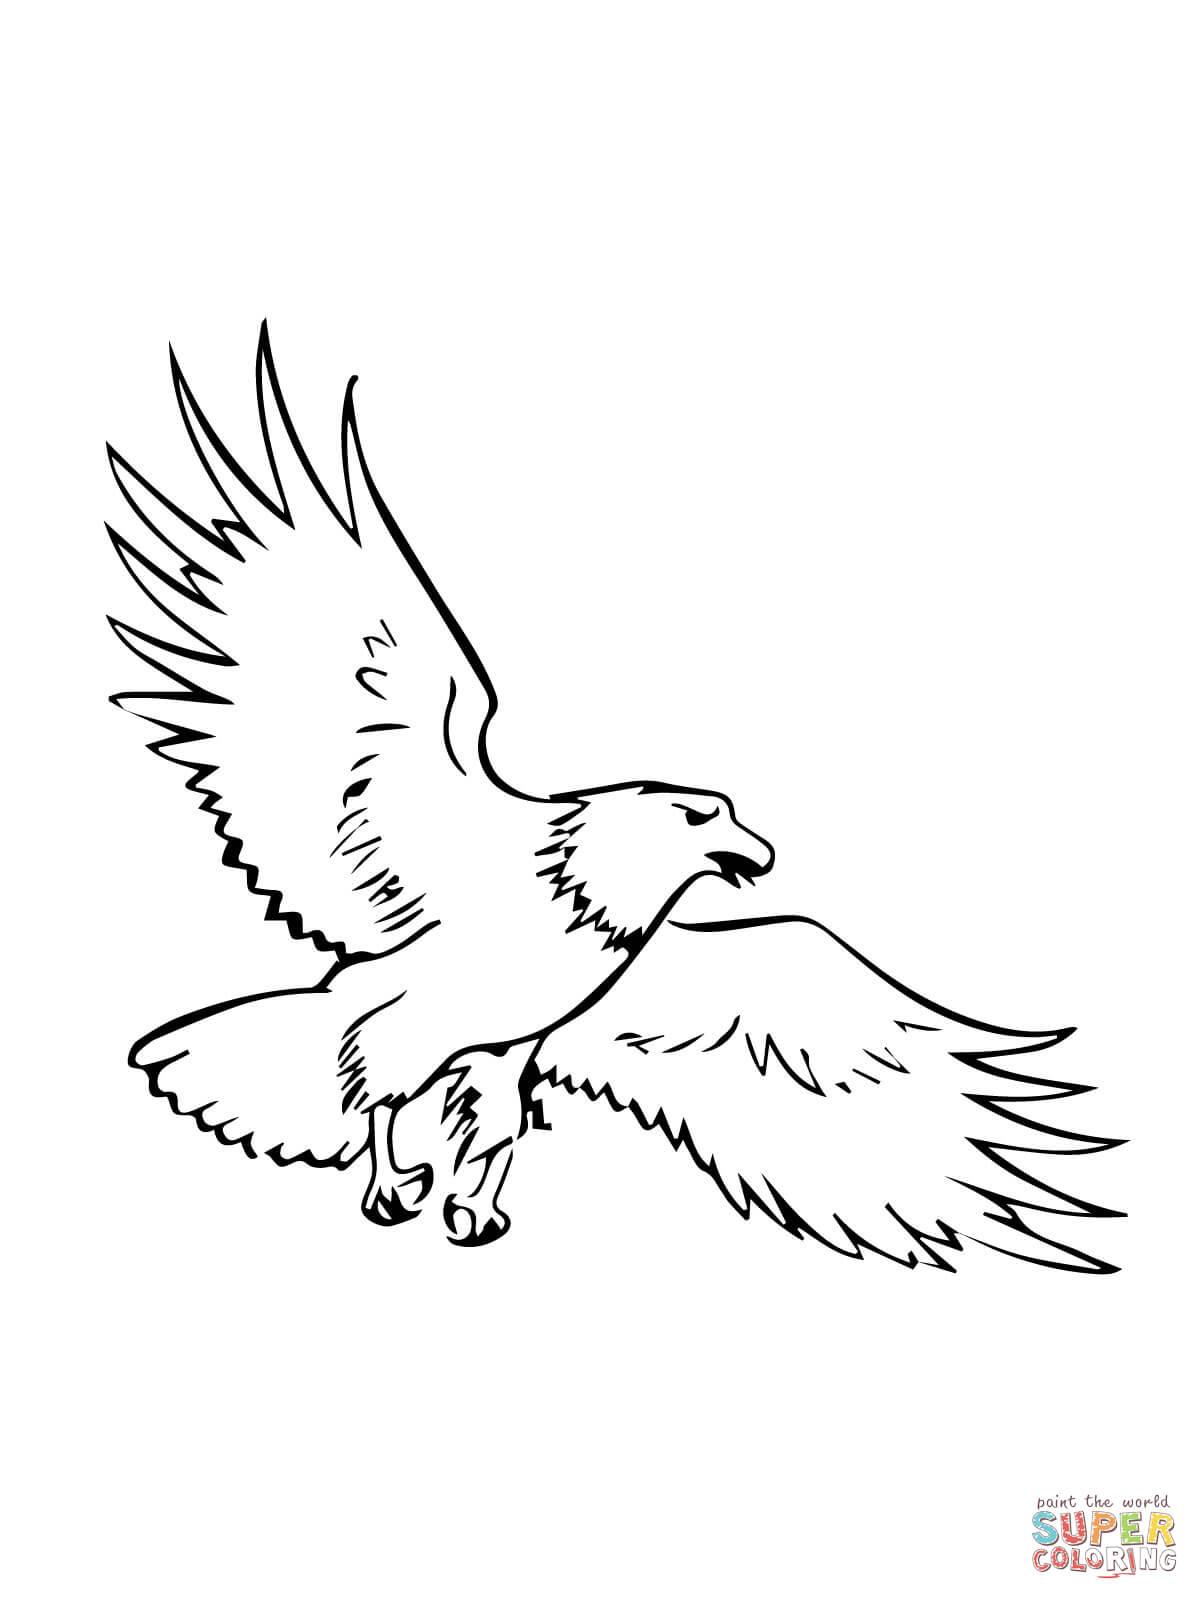 Ausmalbilder Adler - Malvorlagen Kostenlos Zum Ausdrucken in Adler Bilder Zum Ausdrucken